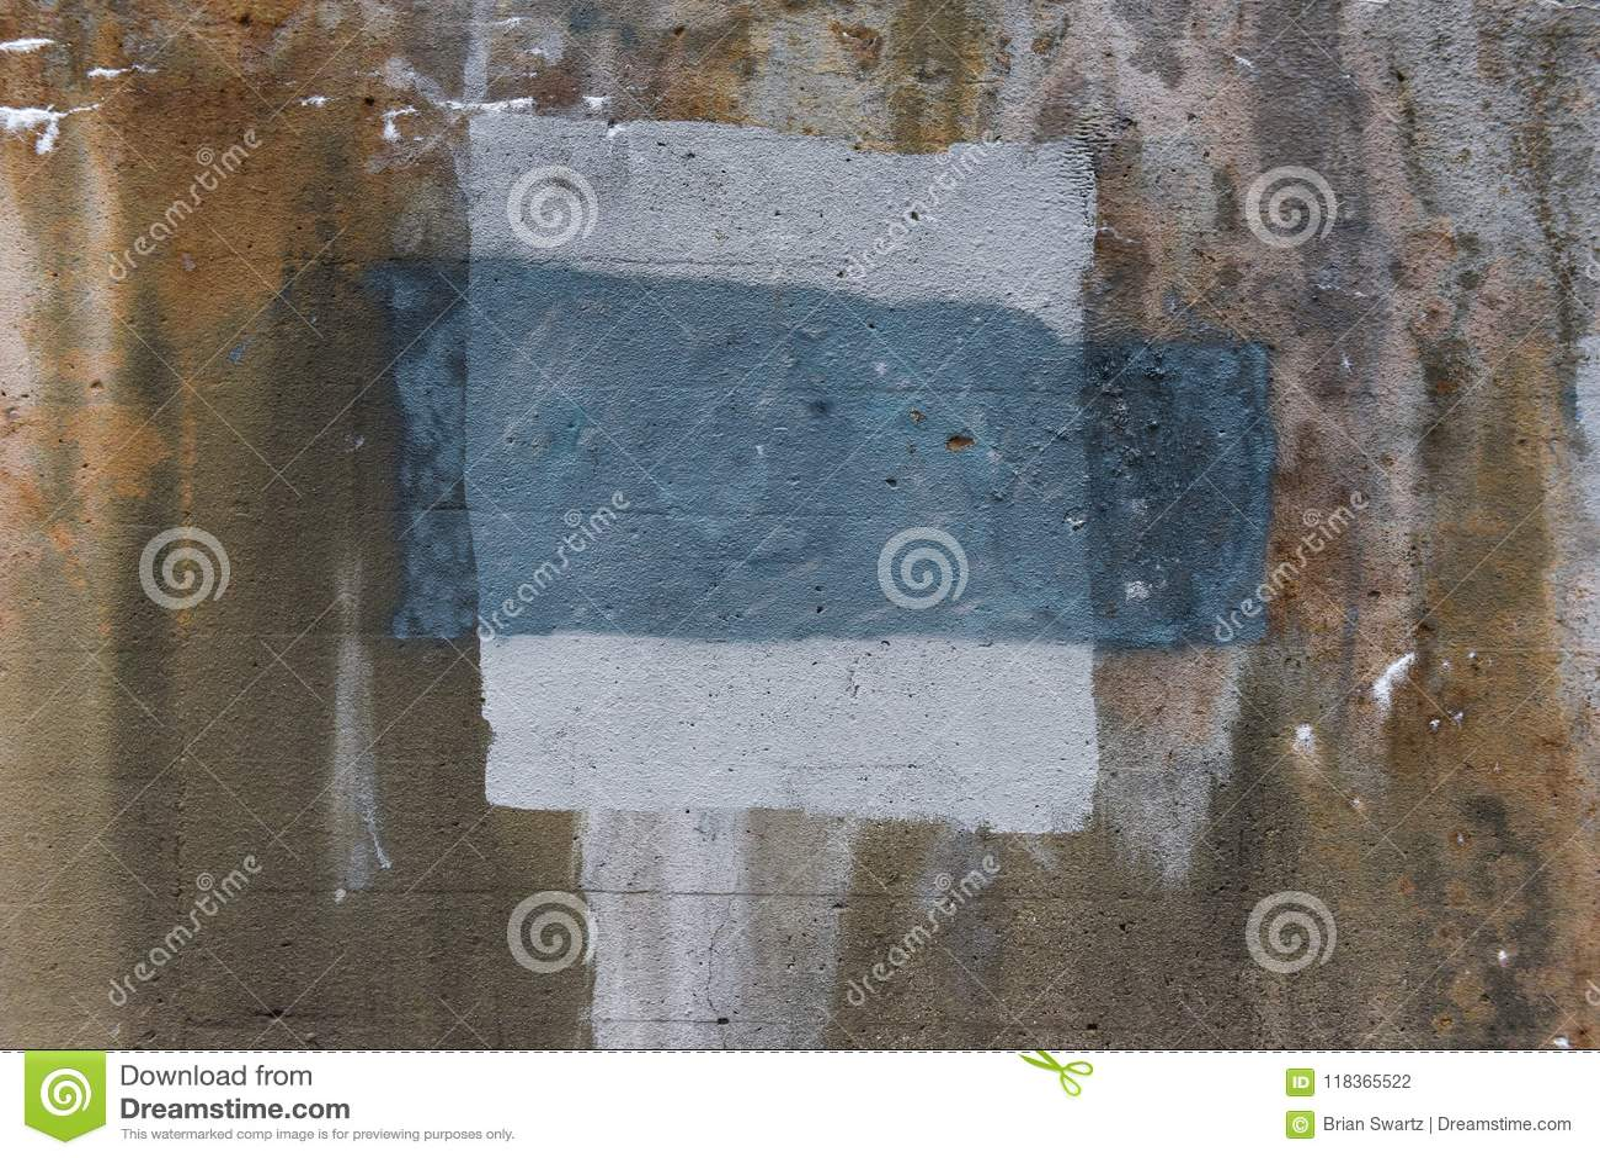 Muro de cemento texturizado 0015